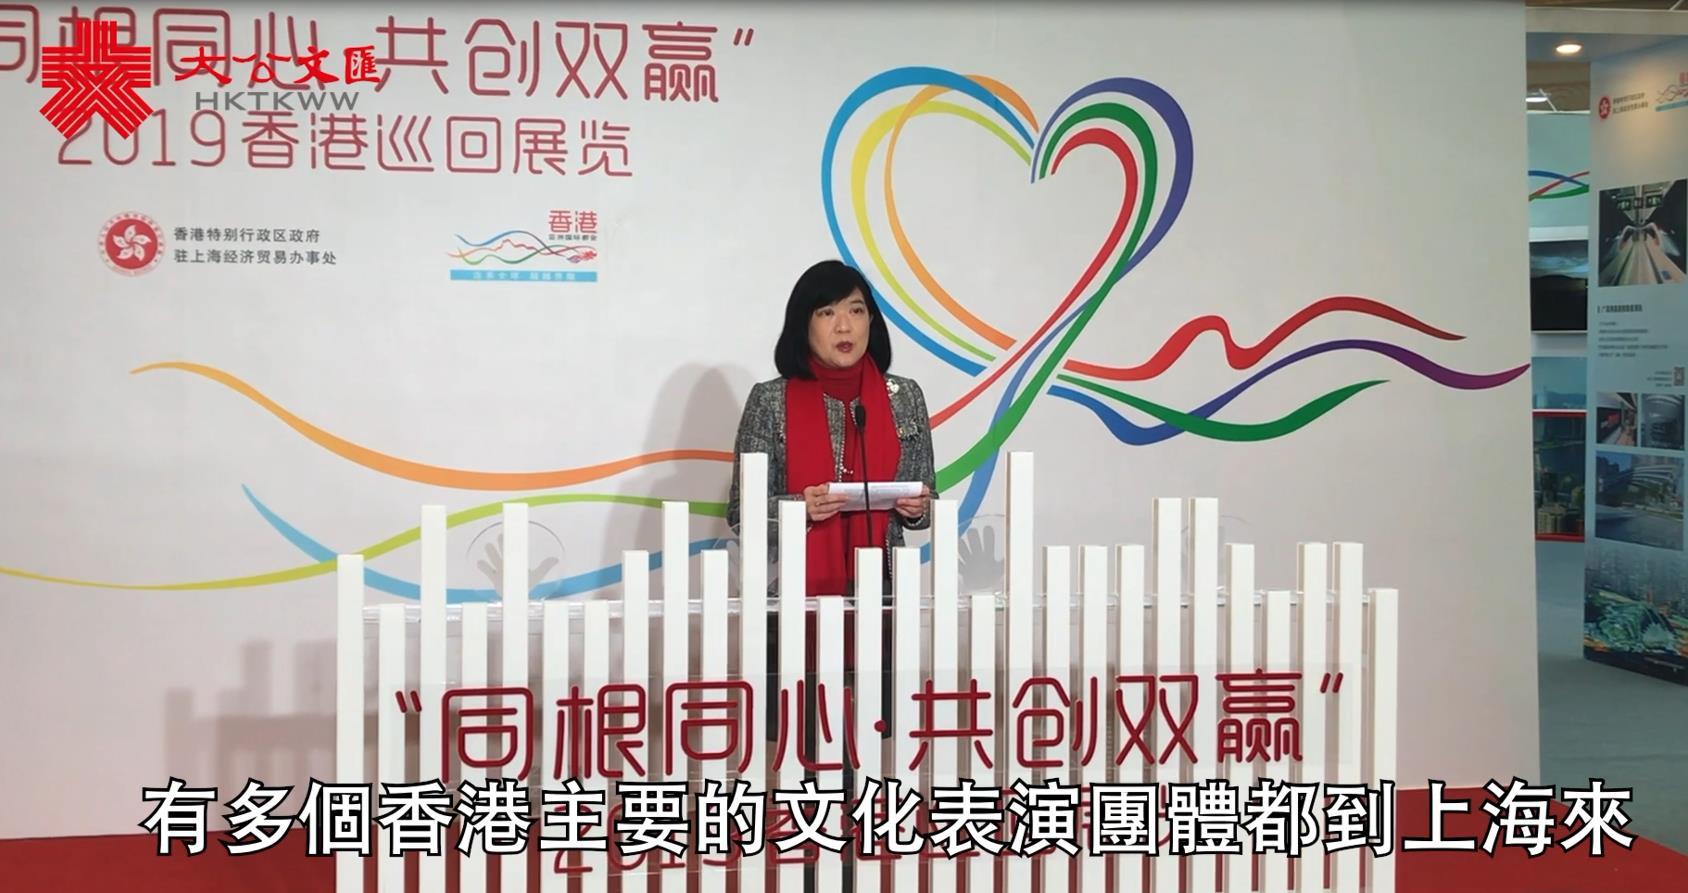 �u同根同心 �E 共創雙贏�v2019香港巡迴展覽在滬揭幕